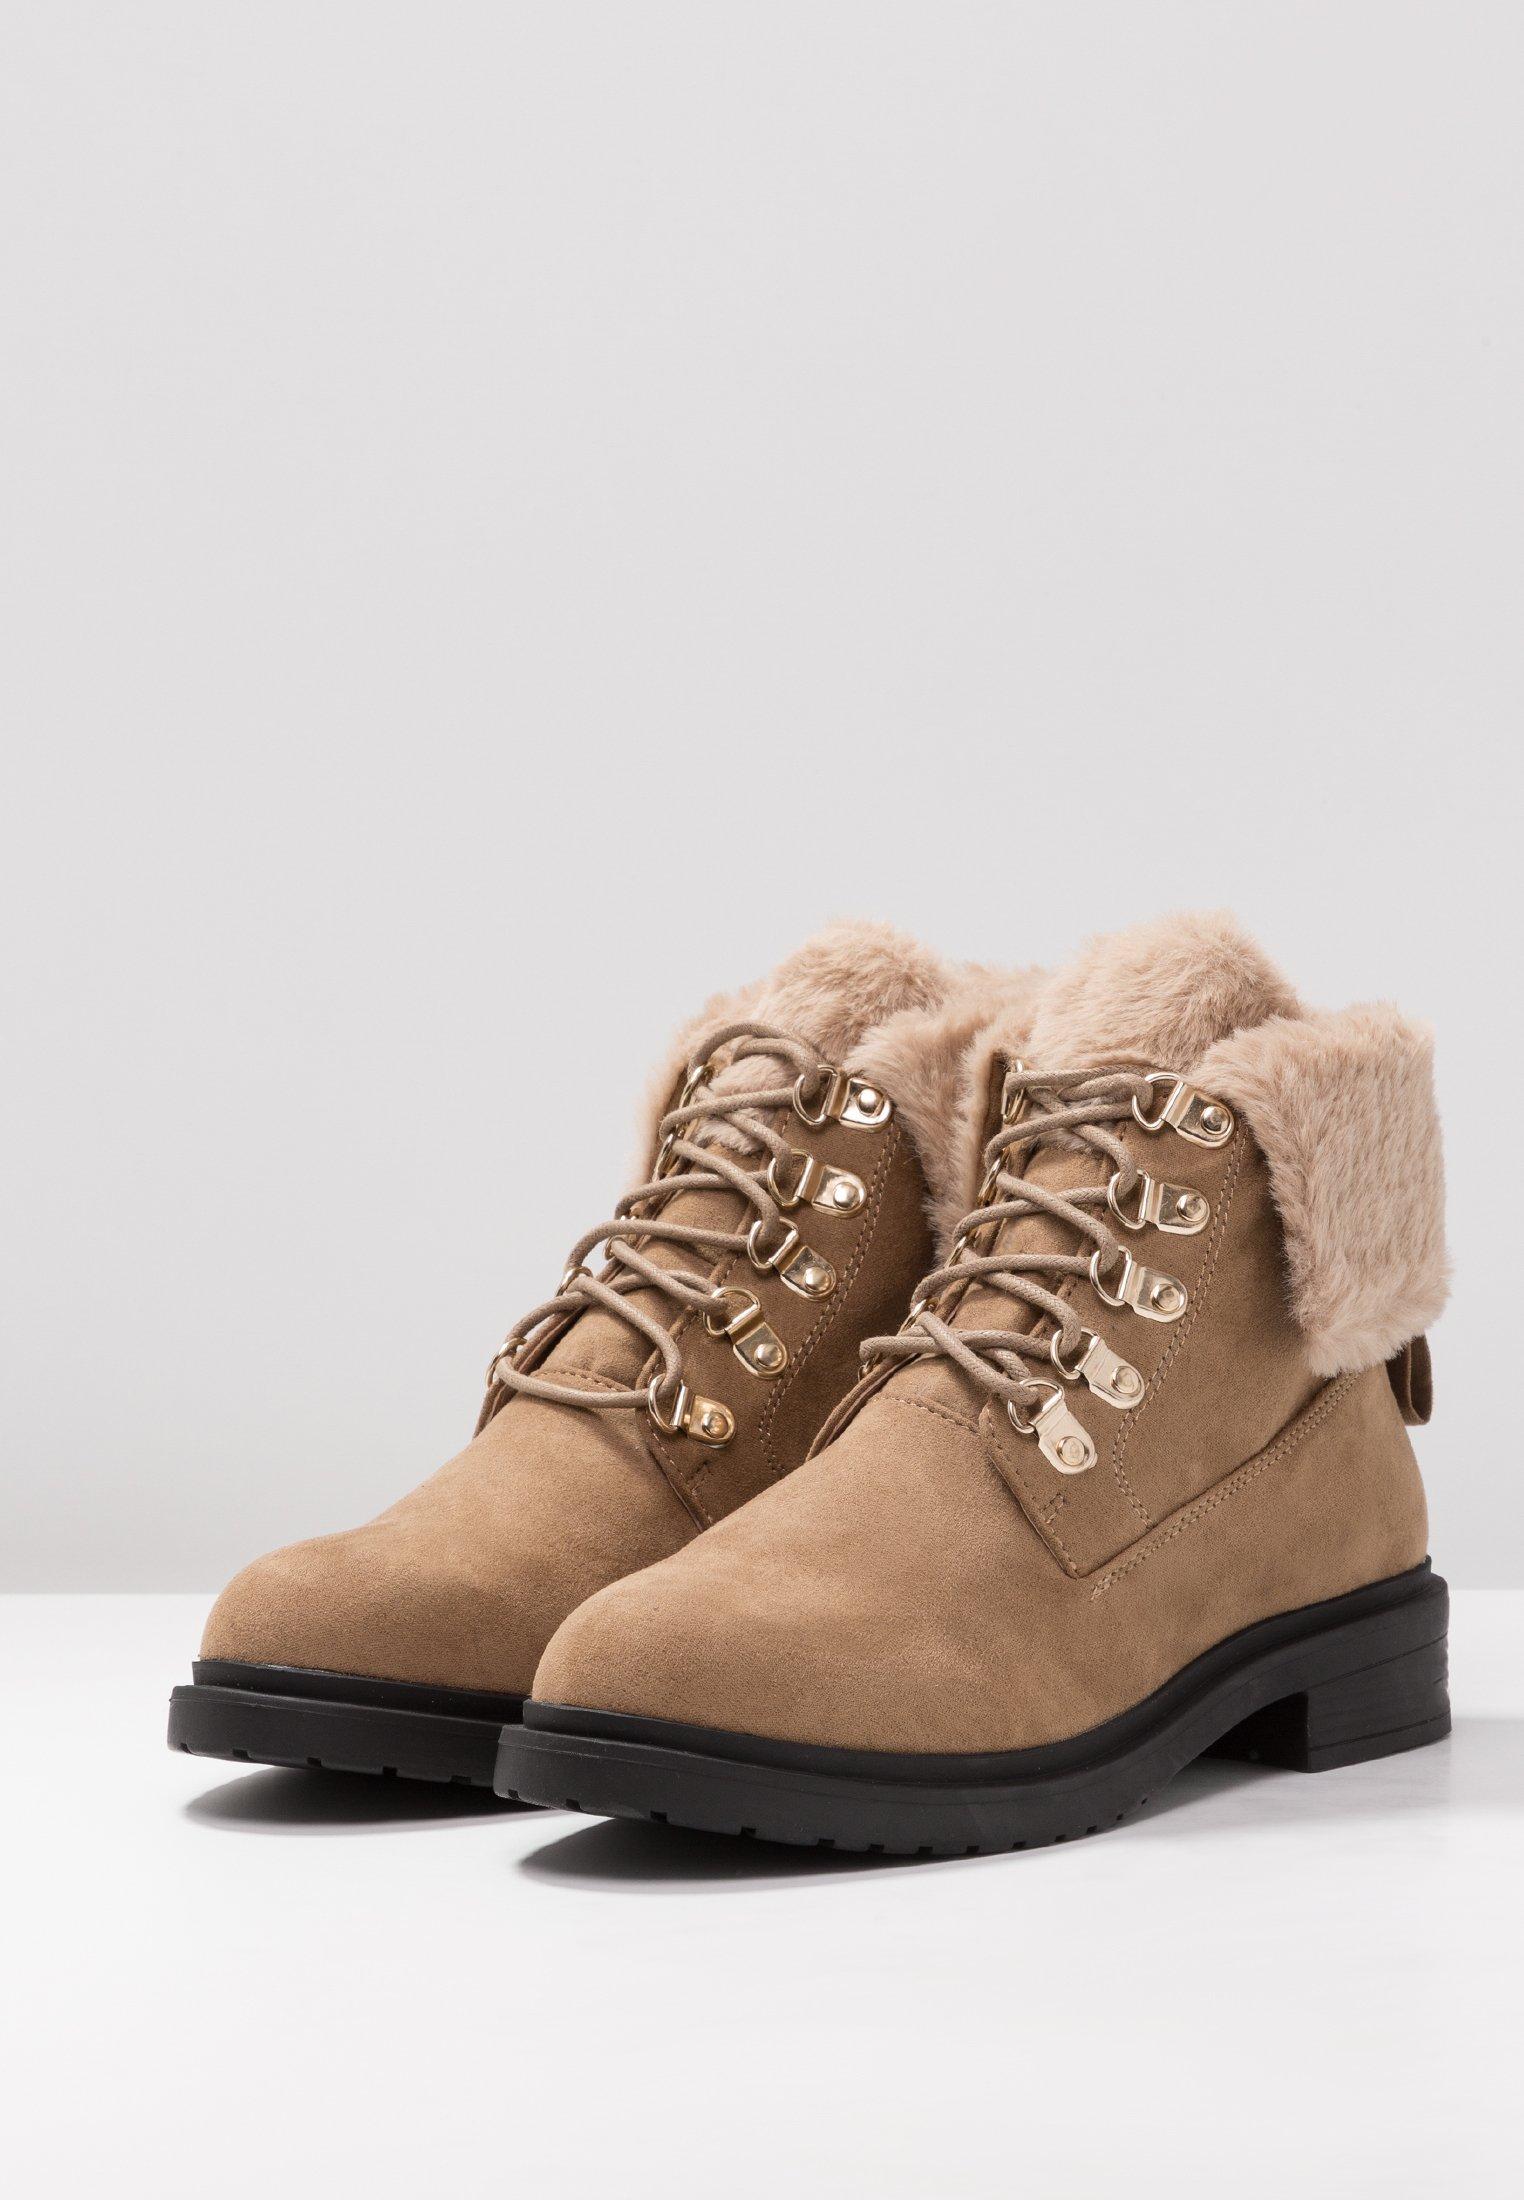 BootBottines Miss Lacets Selfridge Desert À Tan n0w8OPkX